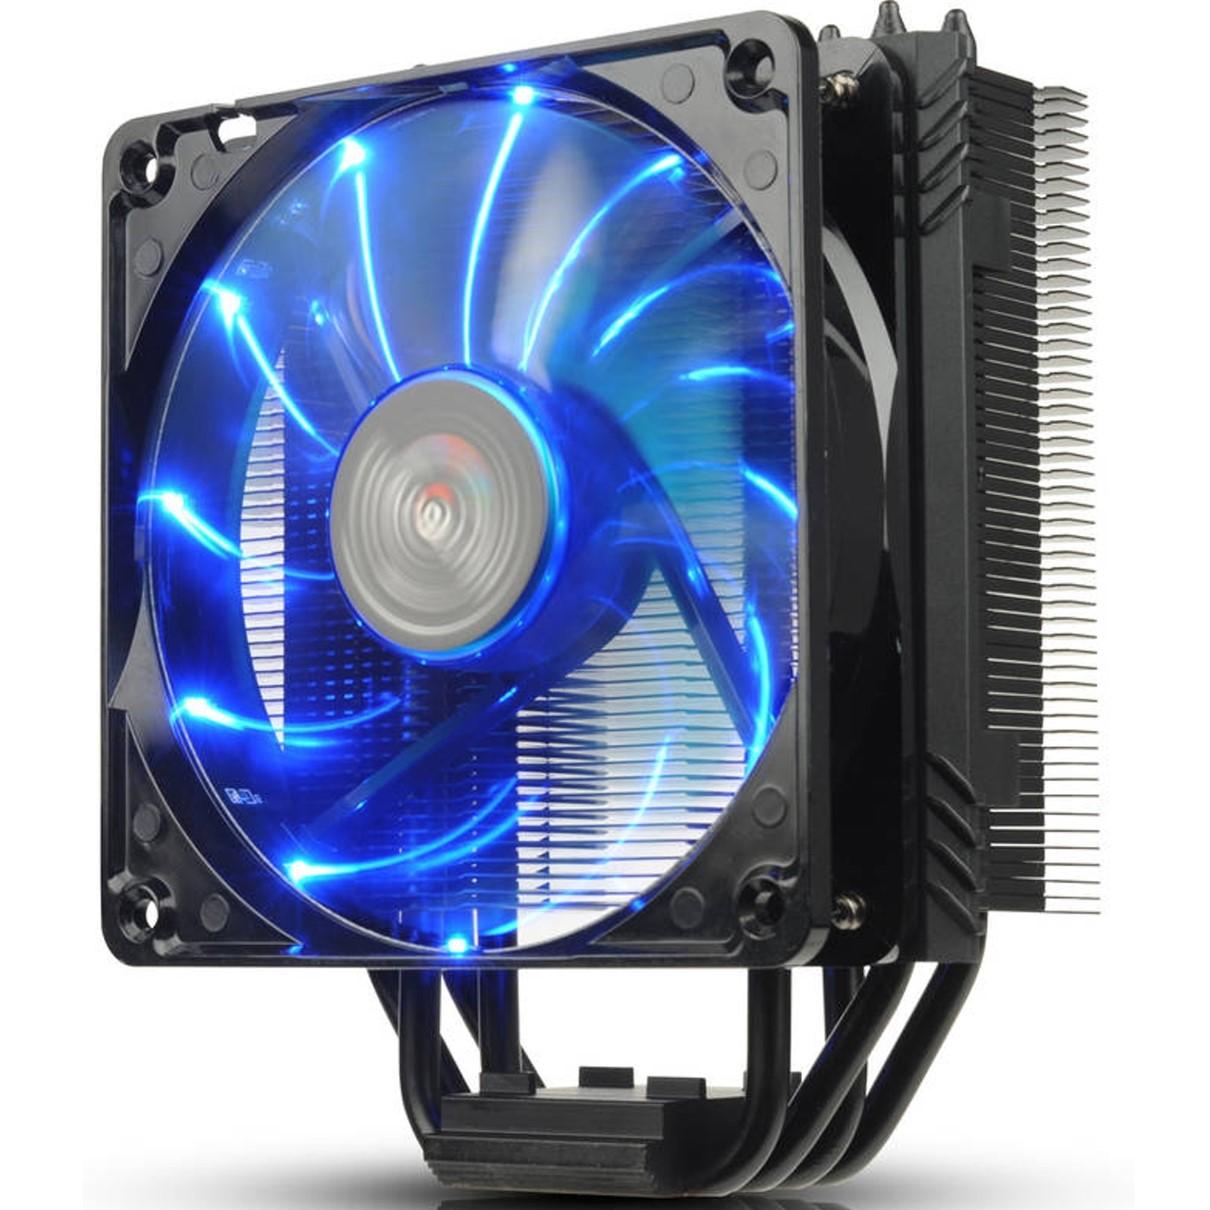 Ventilador Disipador Gaming Modding Negro Enermax Ets-t40f-bk Black Twister Para Intel Amd 1x12cm Le